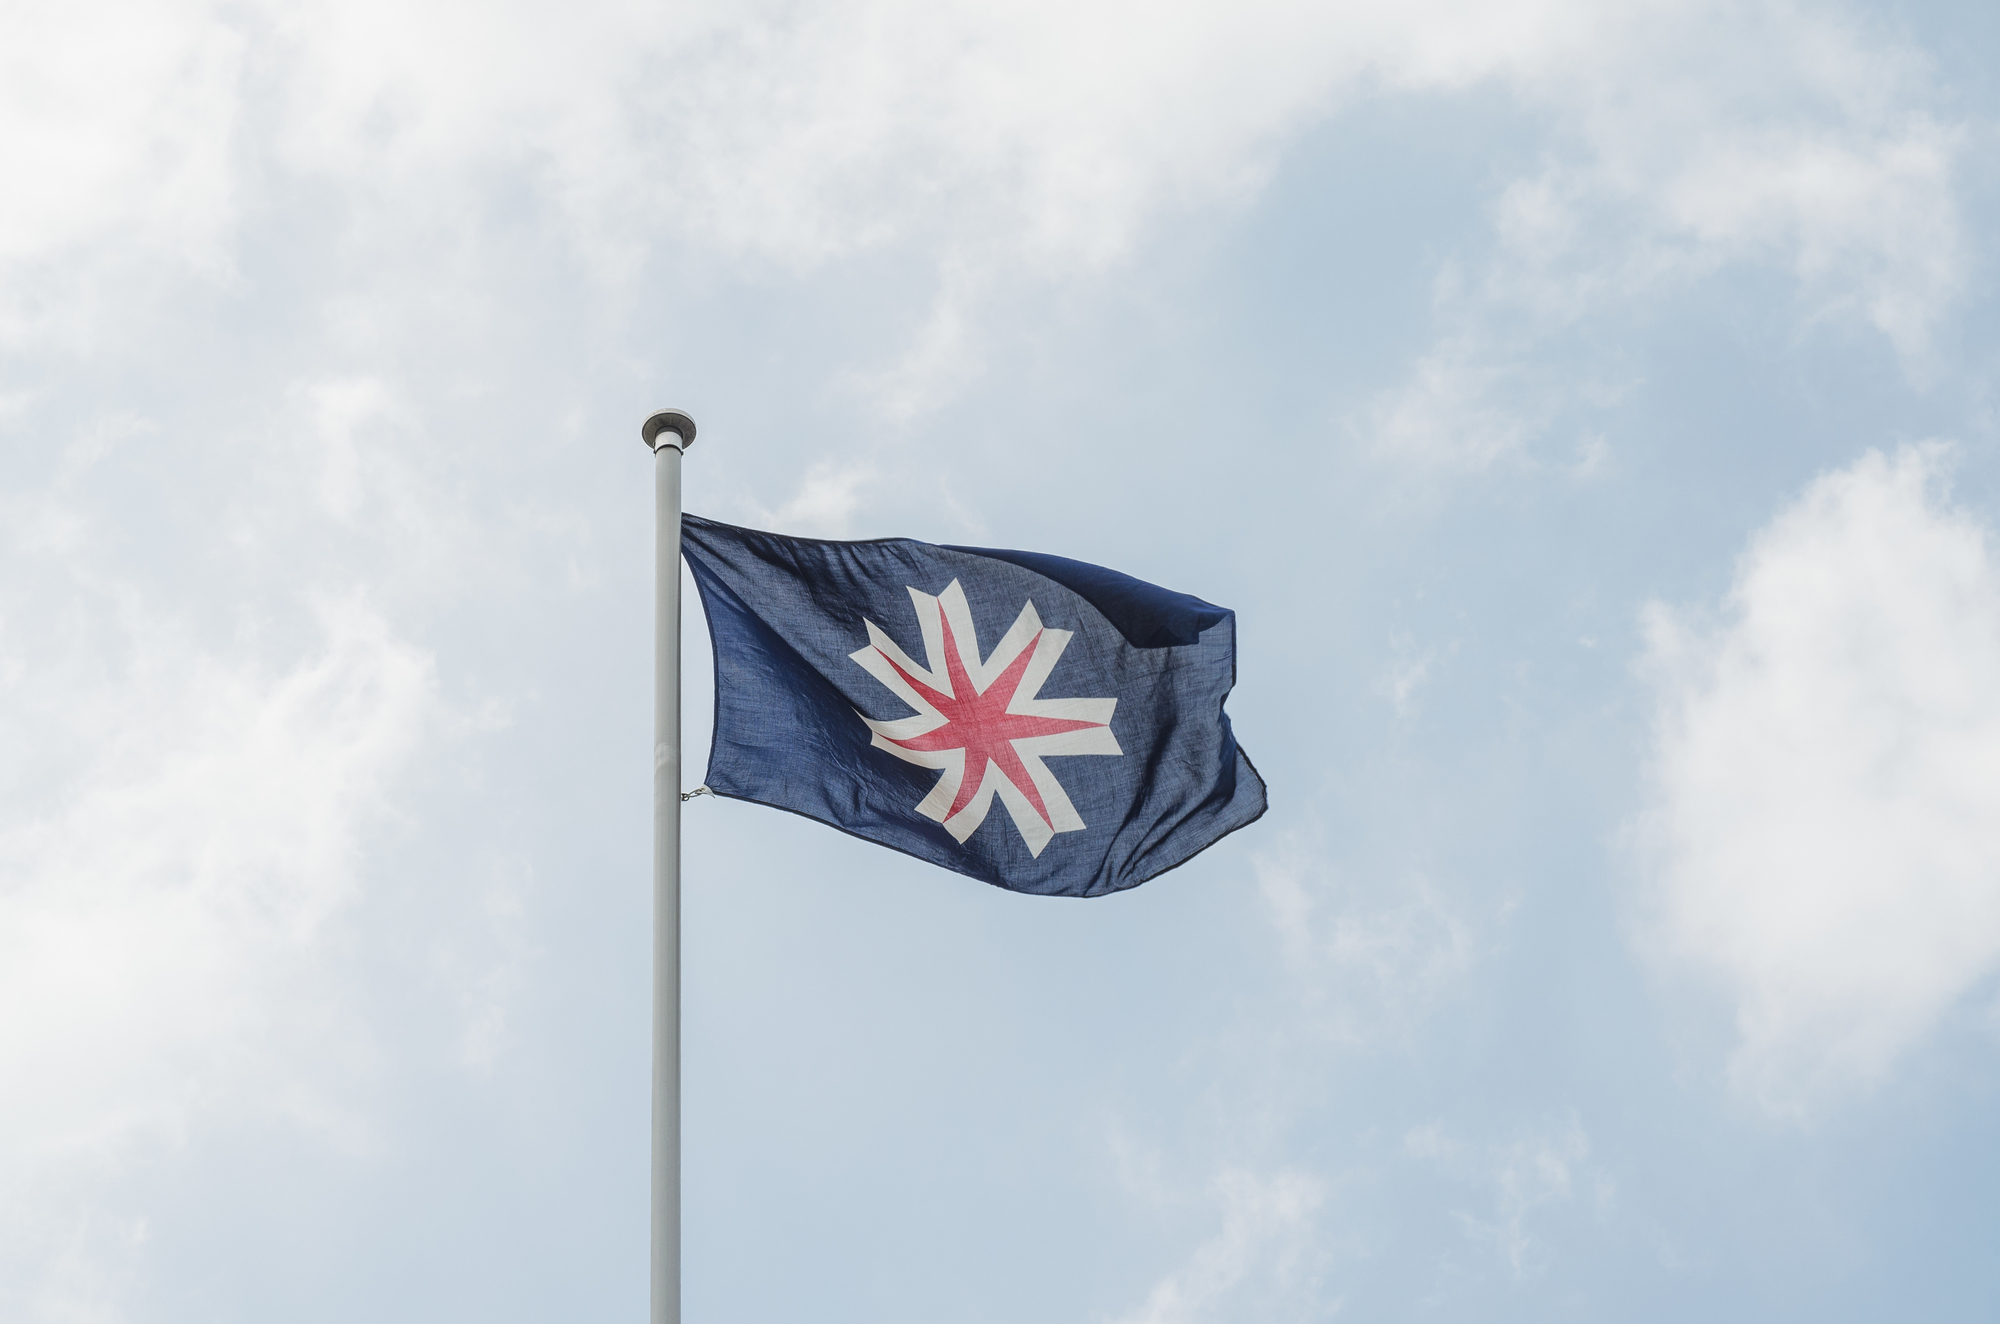 Waving hokkaido flag on pole